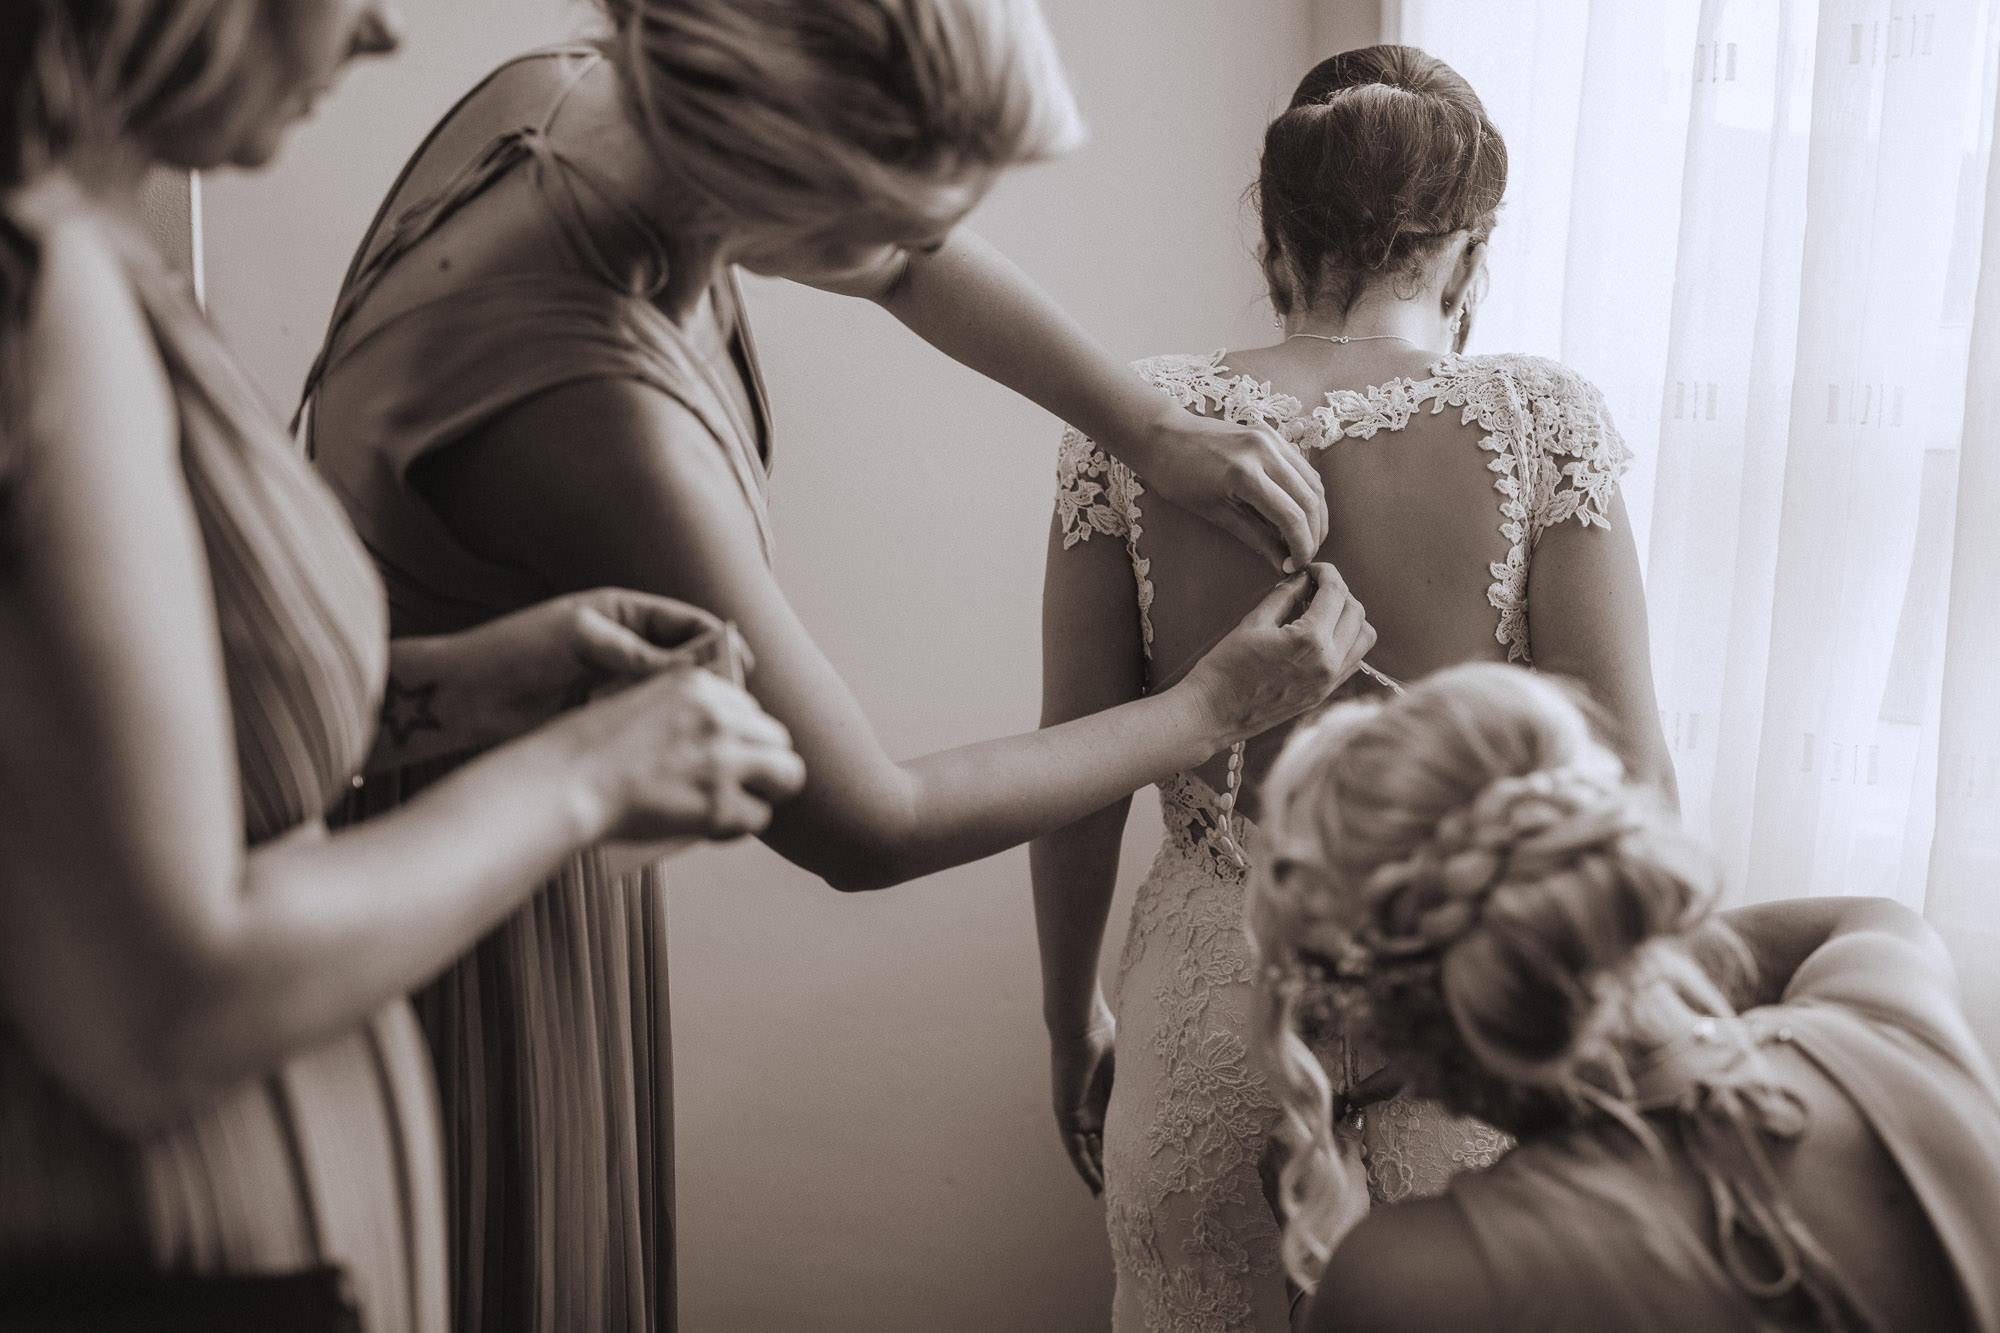 Groombridge-place-wedding-photography-18.jpg